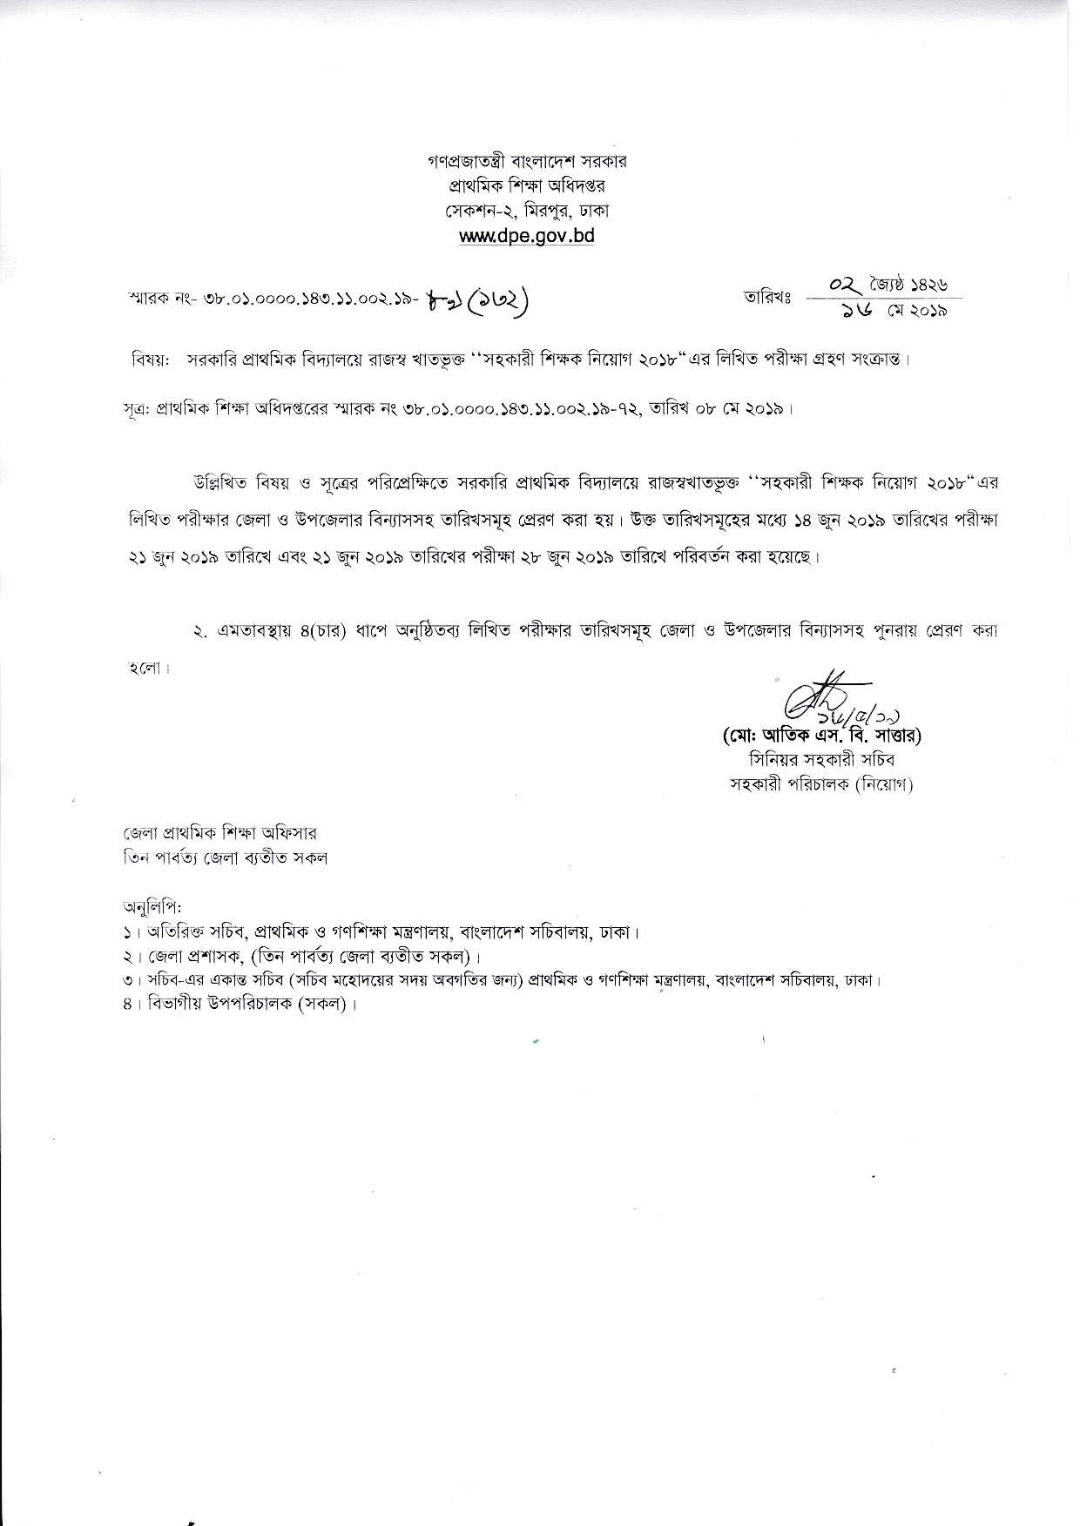 Primary teacher exam date 2019 notice